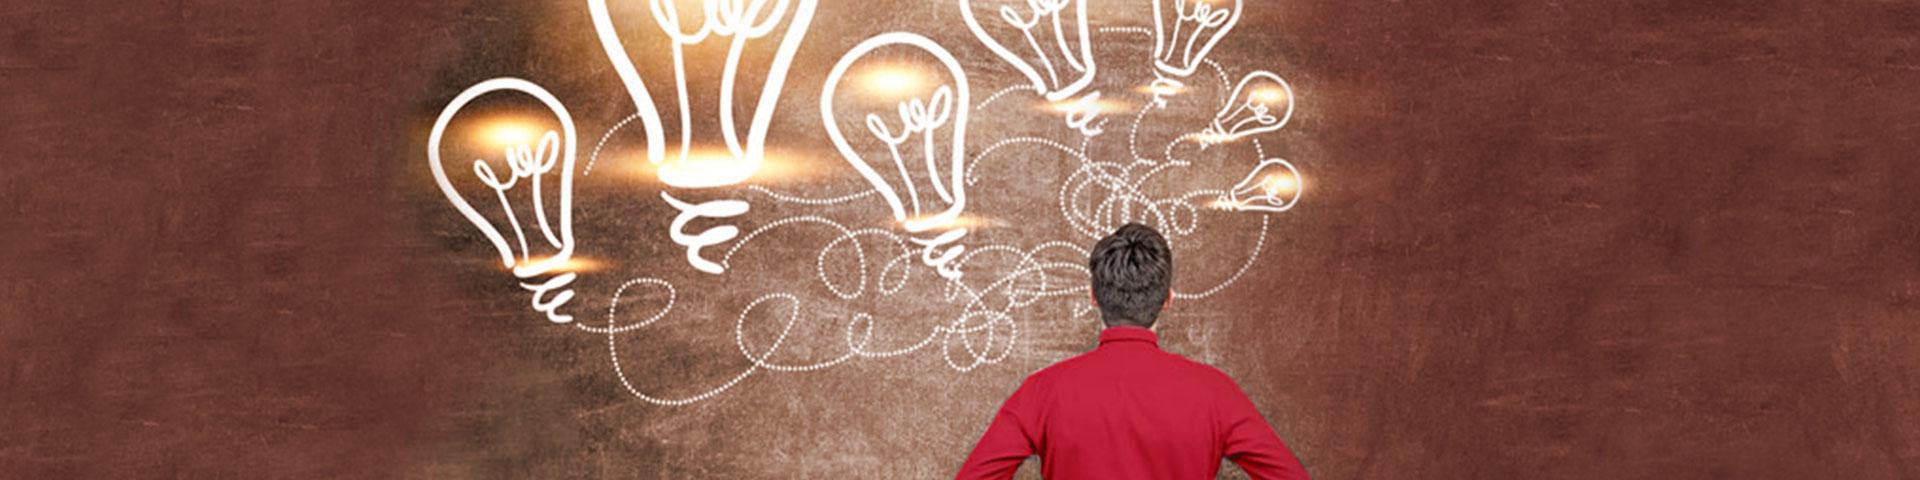 Glühbirnen im Cartoonstil auf Wand, Mann steht davor